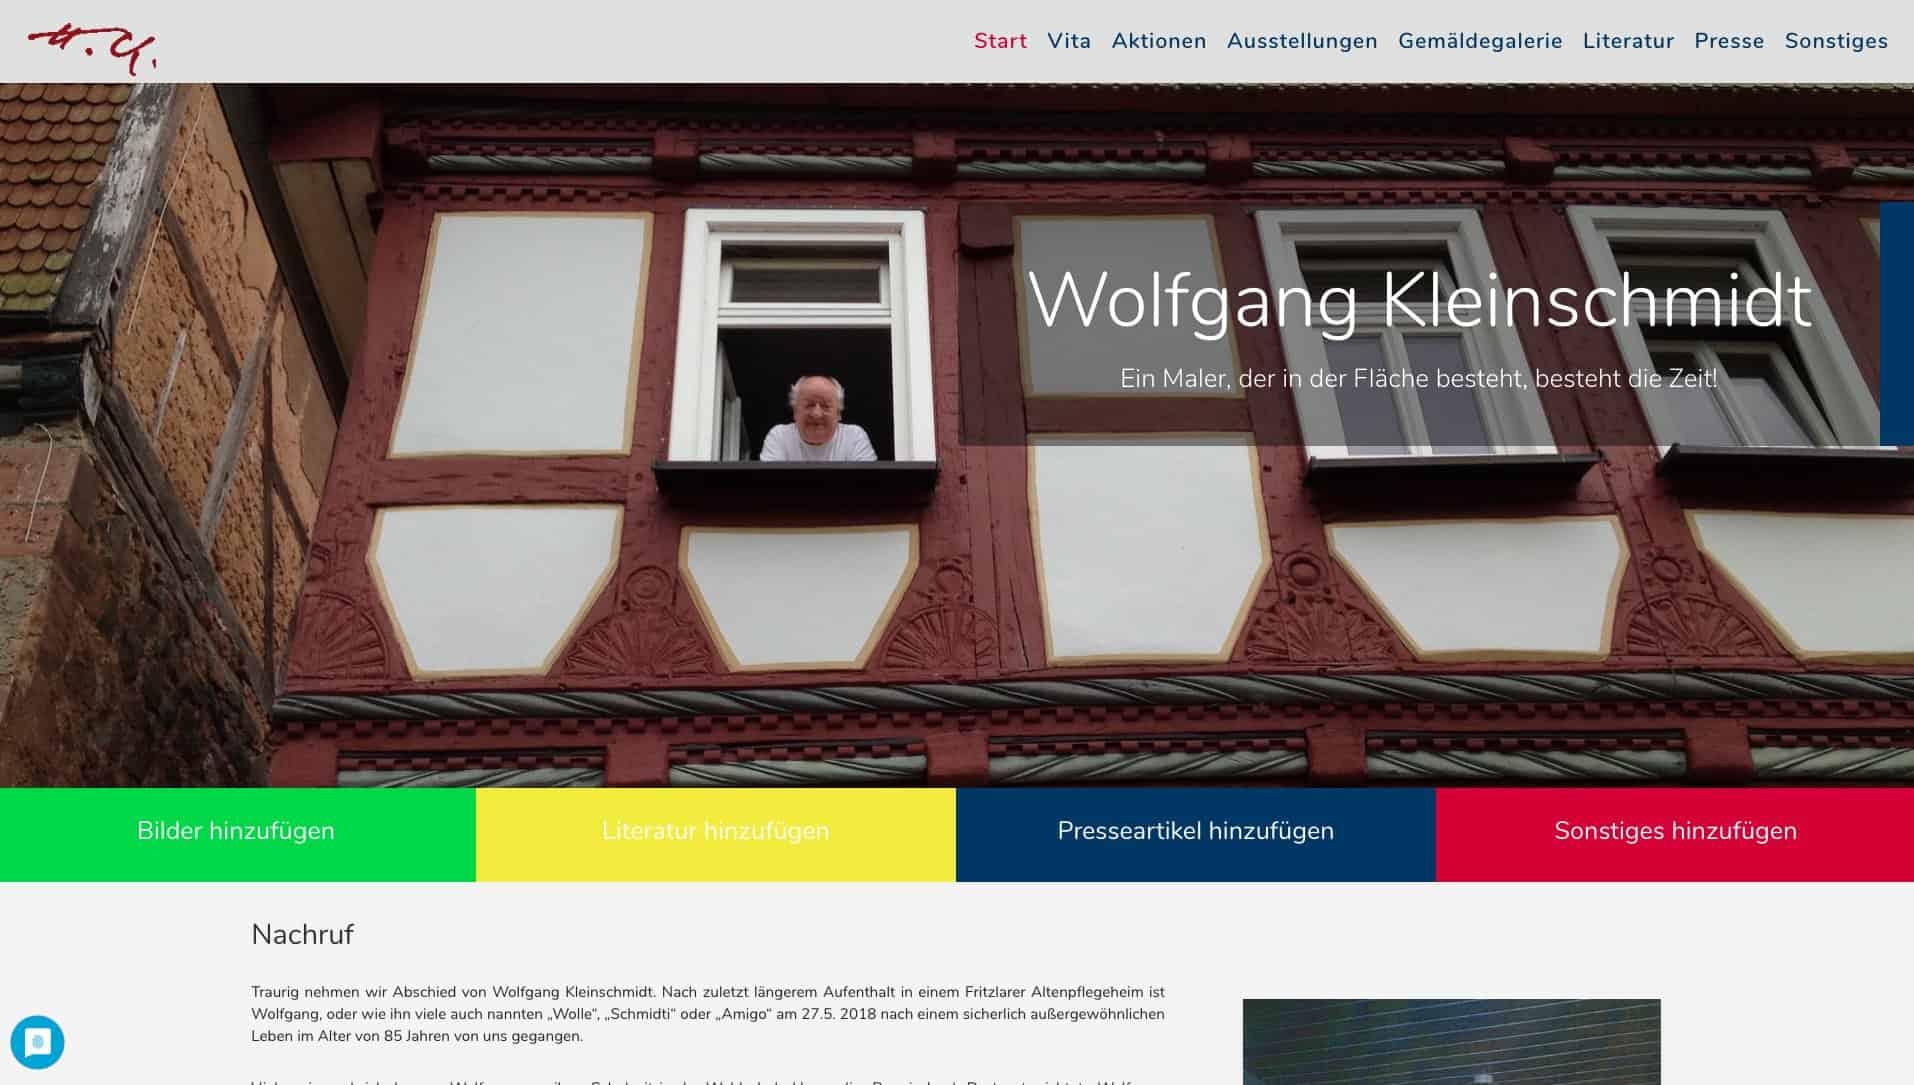 Wolfgang Kleinschmidt